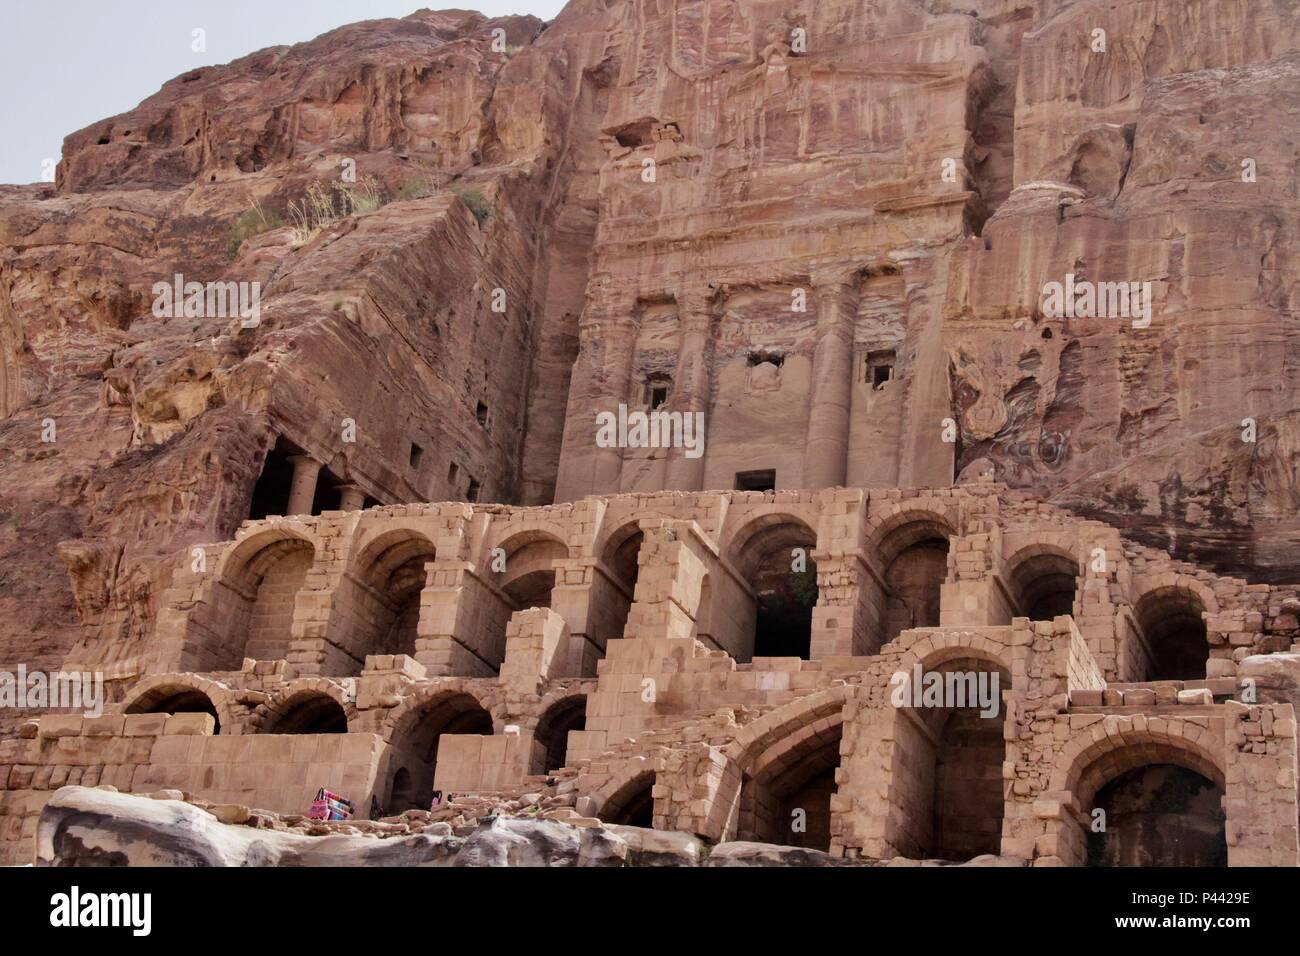 Tombs at Petra - Stock Image